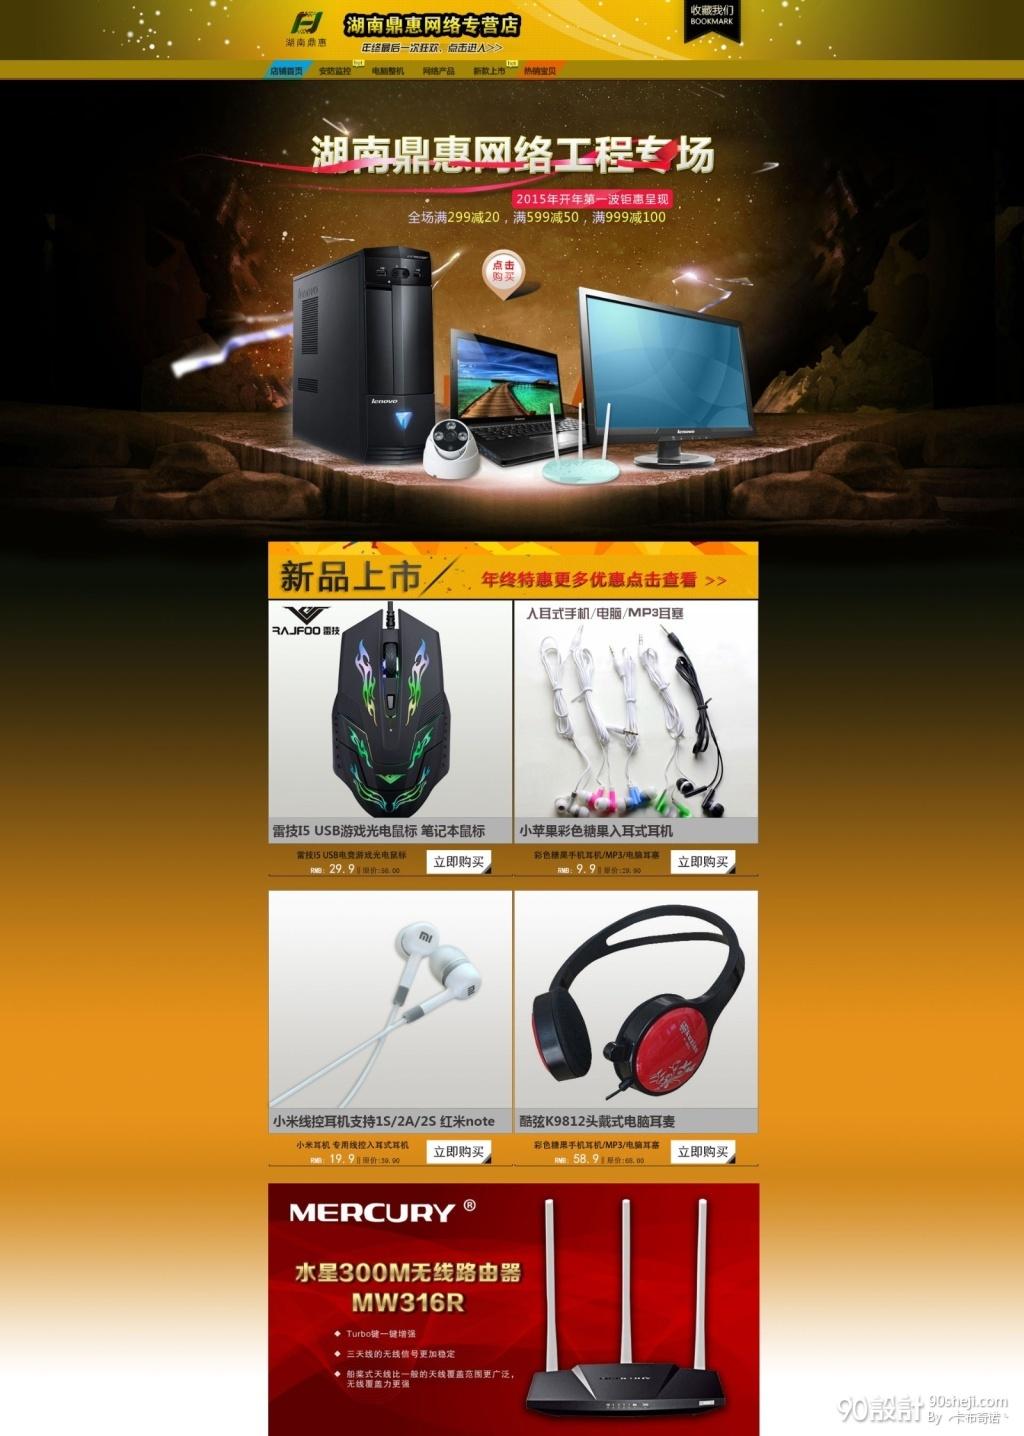 网络监控电脑批发首页_店铺首页设计_90设计90sheji.